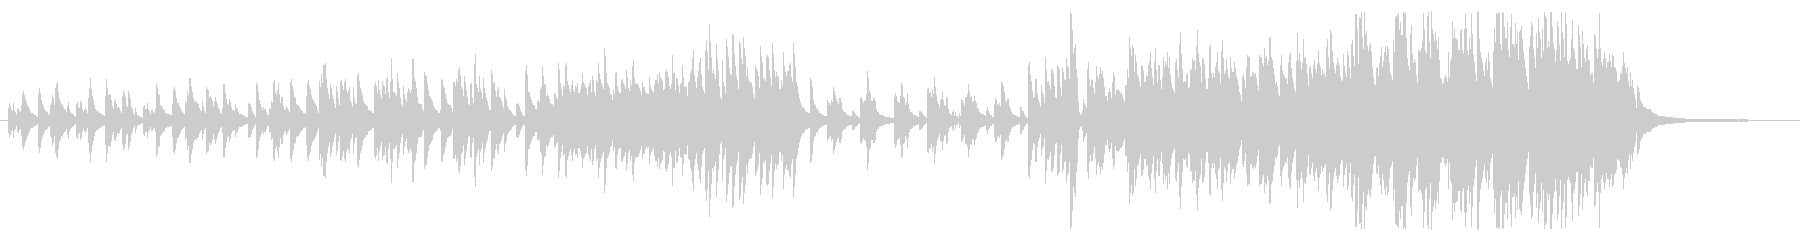 ピアノソロによるバラードの未再生の波形